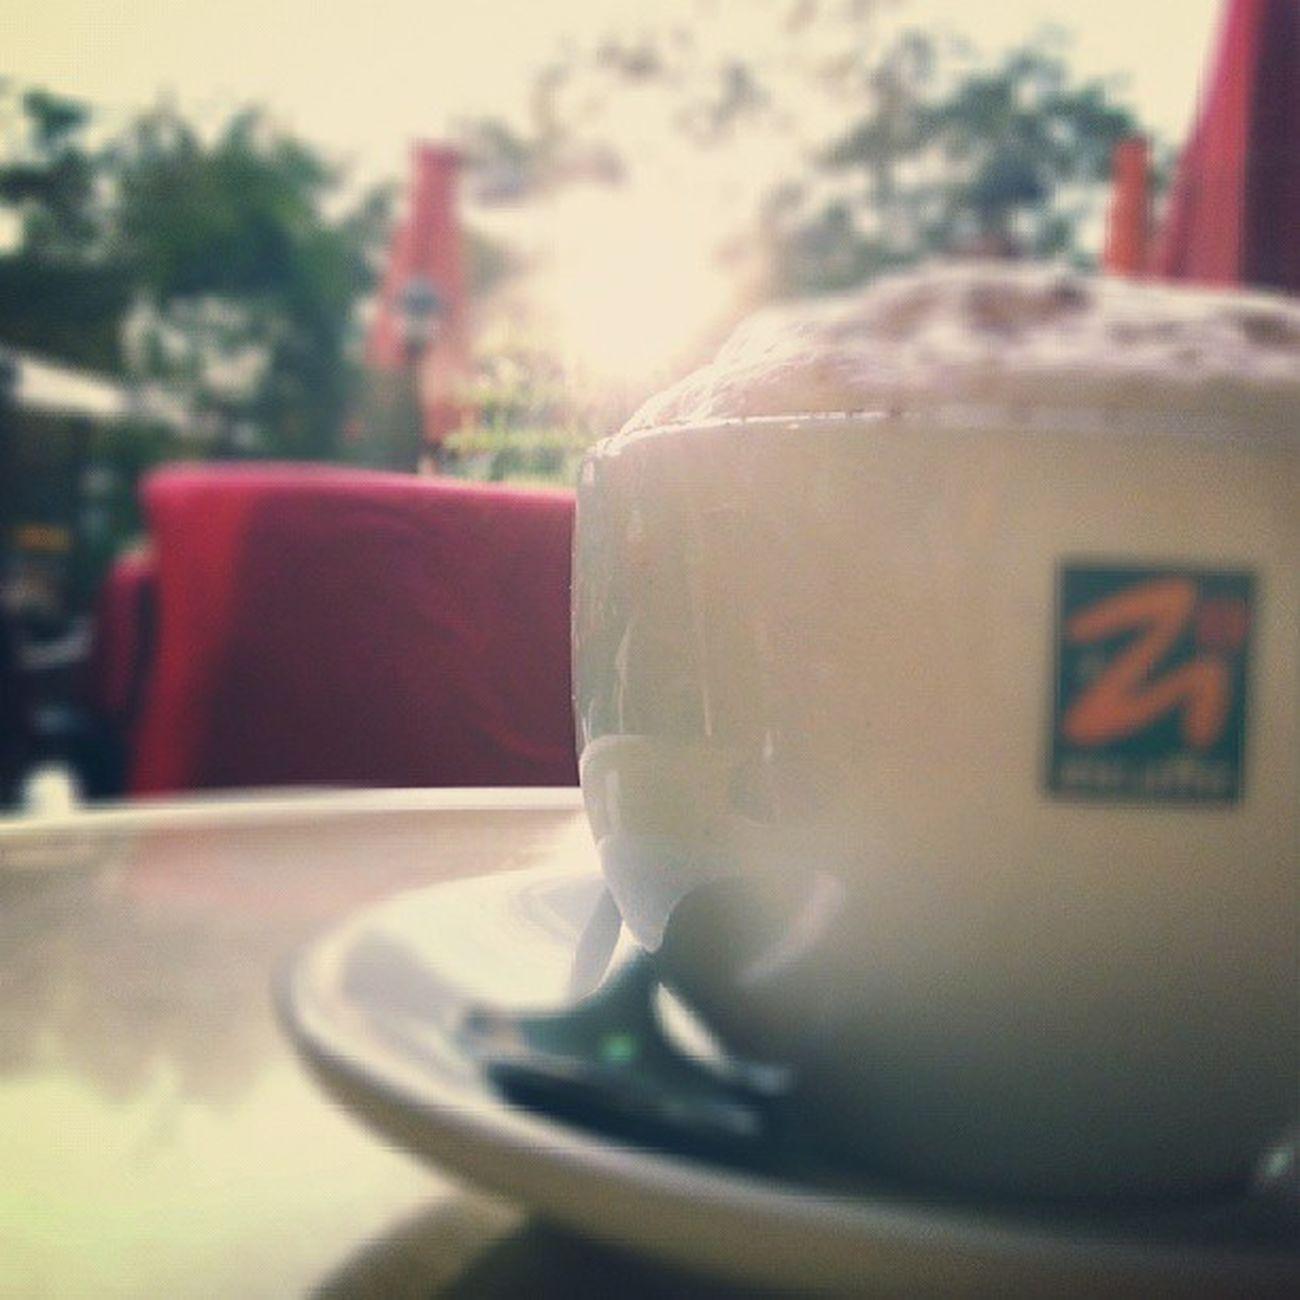 Feierabend Capuccino Coffeein Koffein sucht schmacht liebe eiskaffee milchschaum